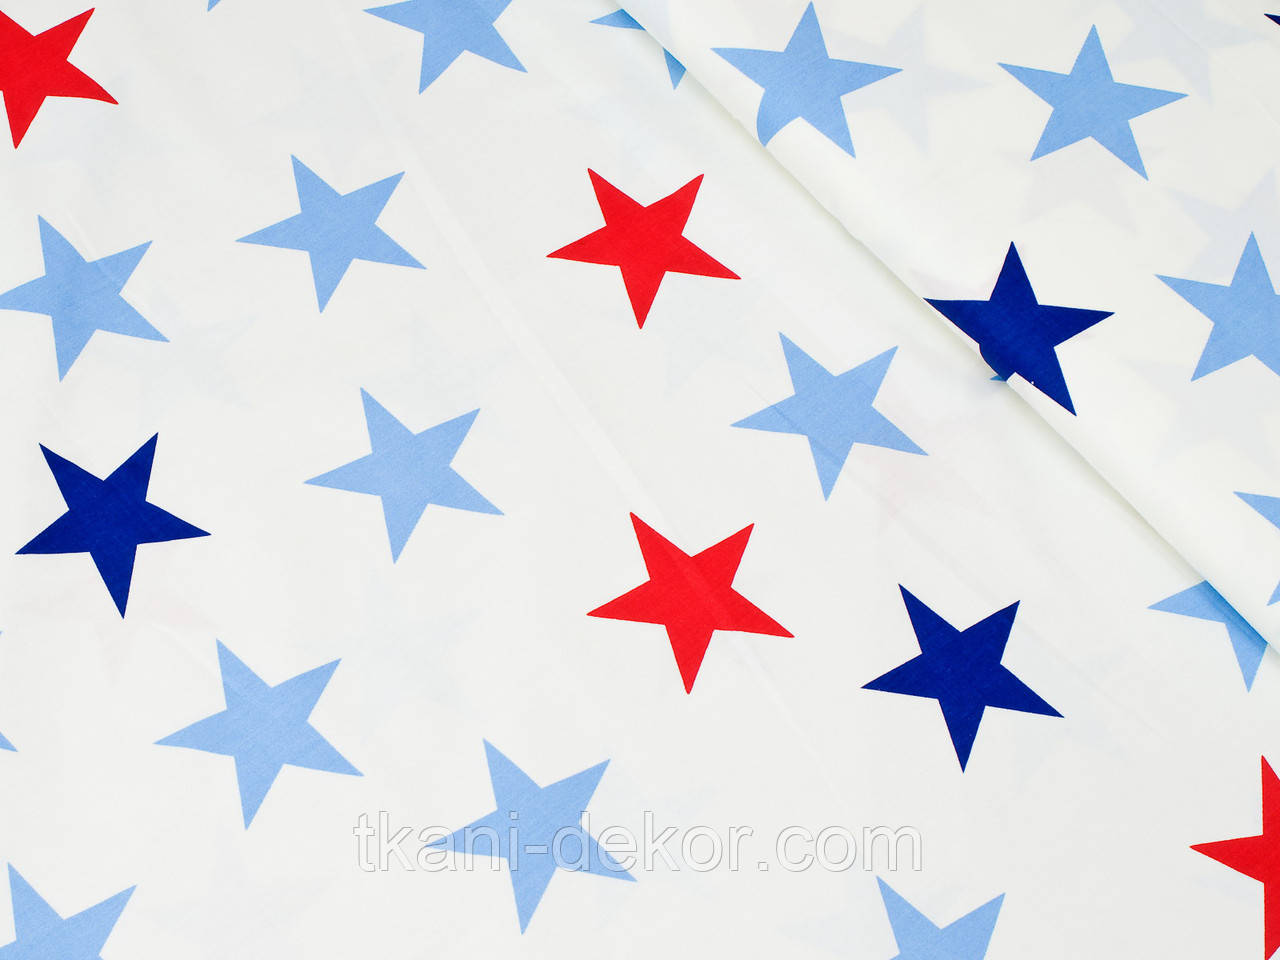 Сатин (бавовняна тканина) на білому тлі кольорові зірки